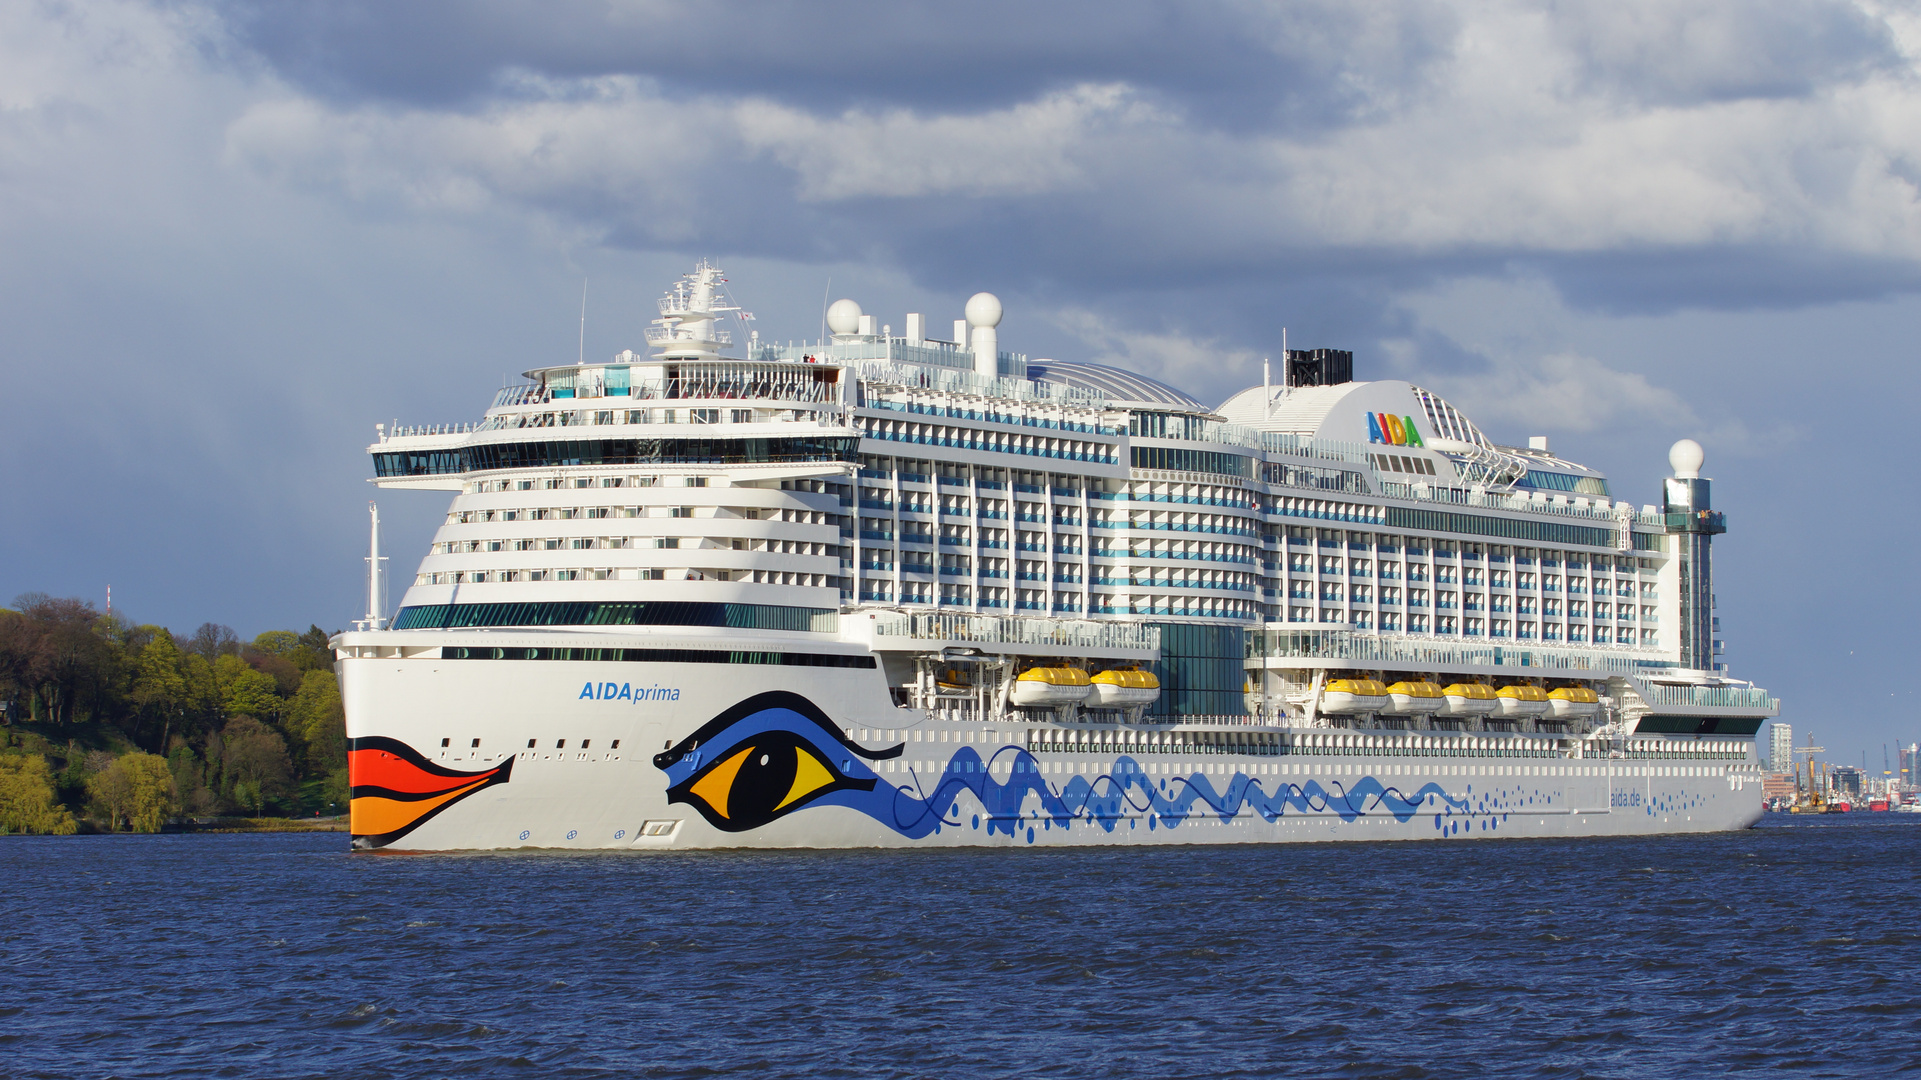 AIDAprima Foto & Bild | schiffe und seewege, motorschiffe